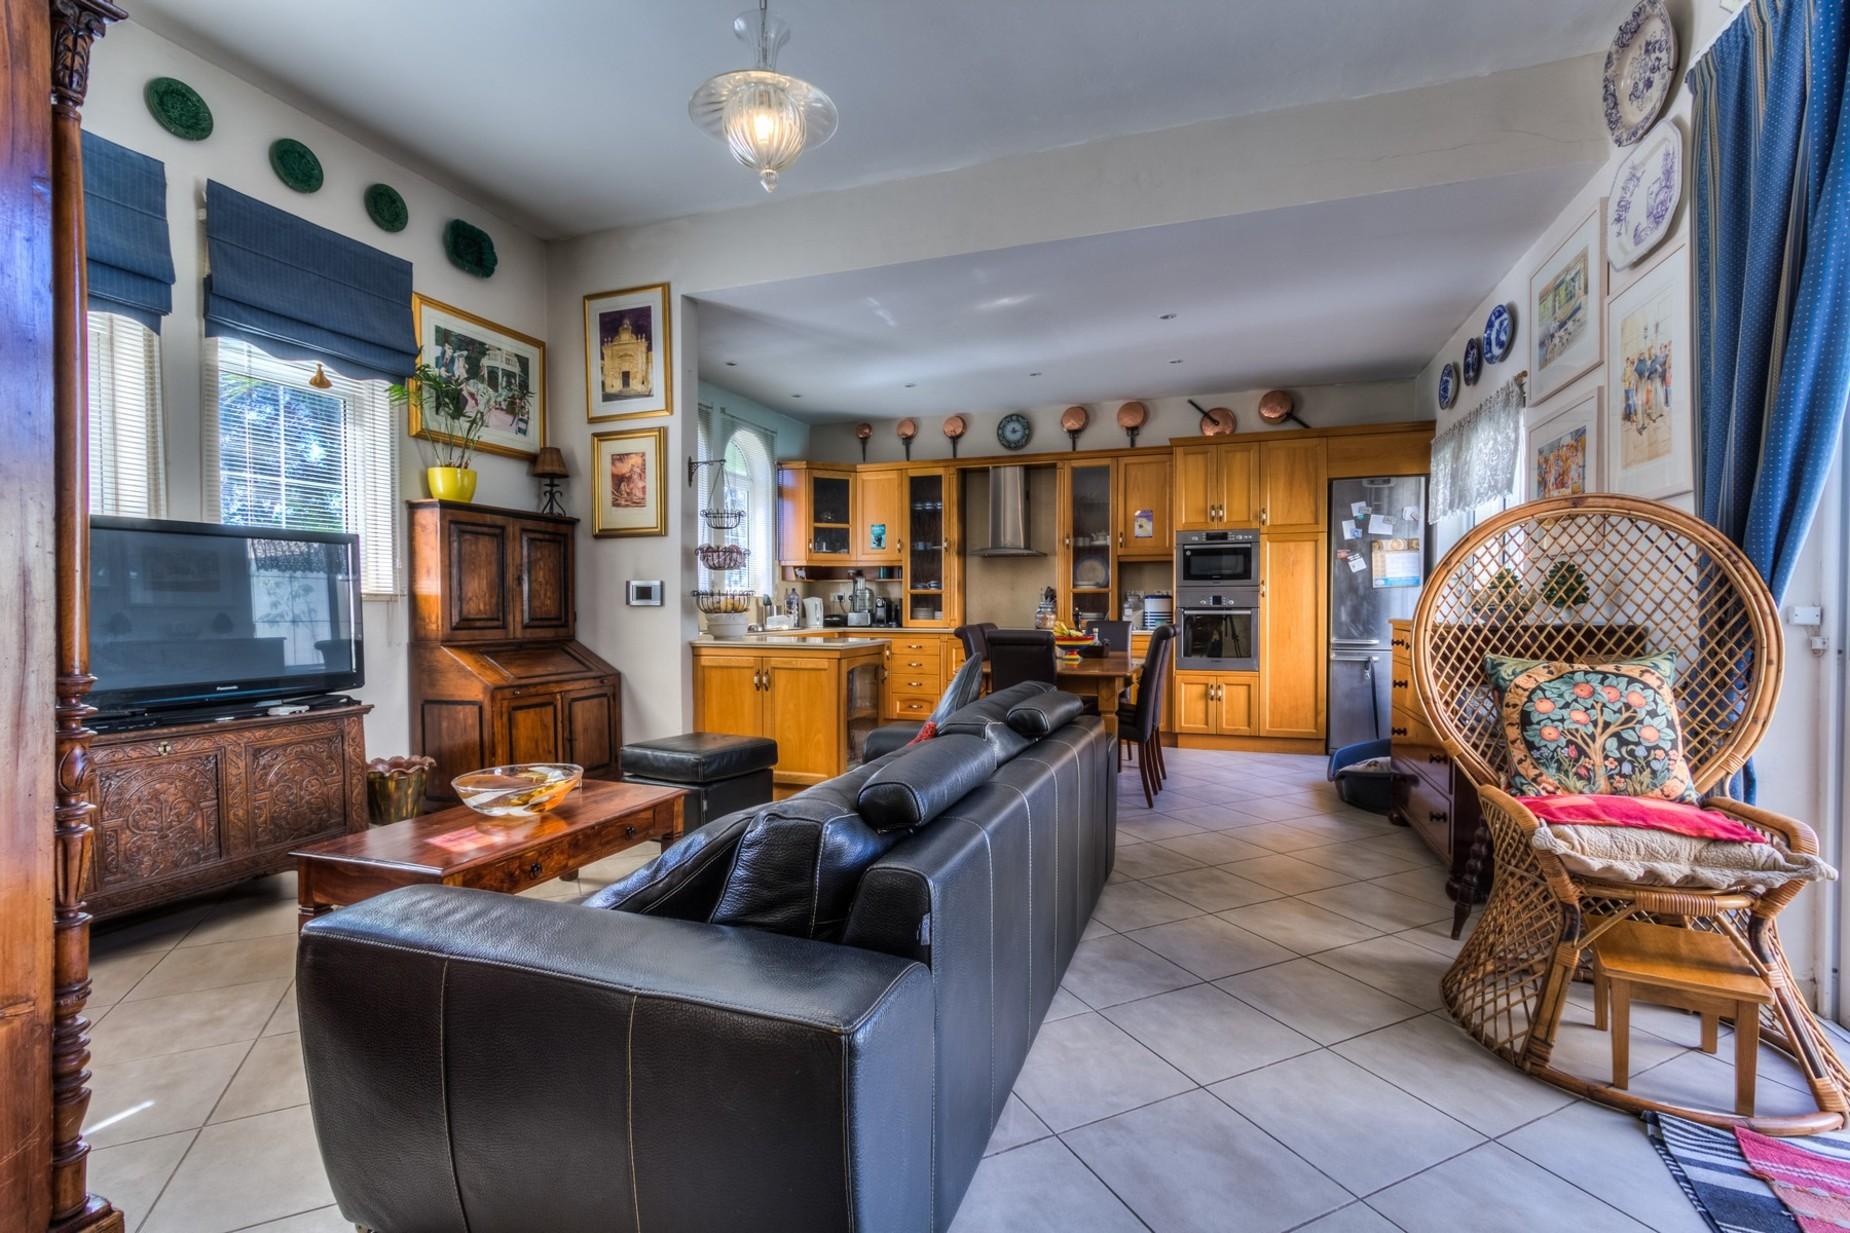 4 bed Villa For Sale in Balzan, Balzan - thumb 7